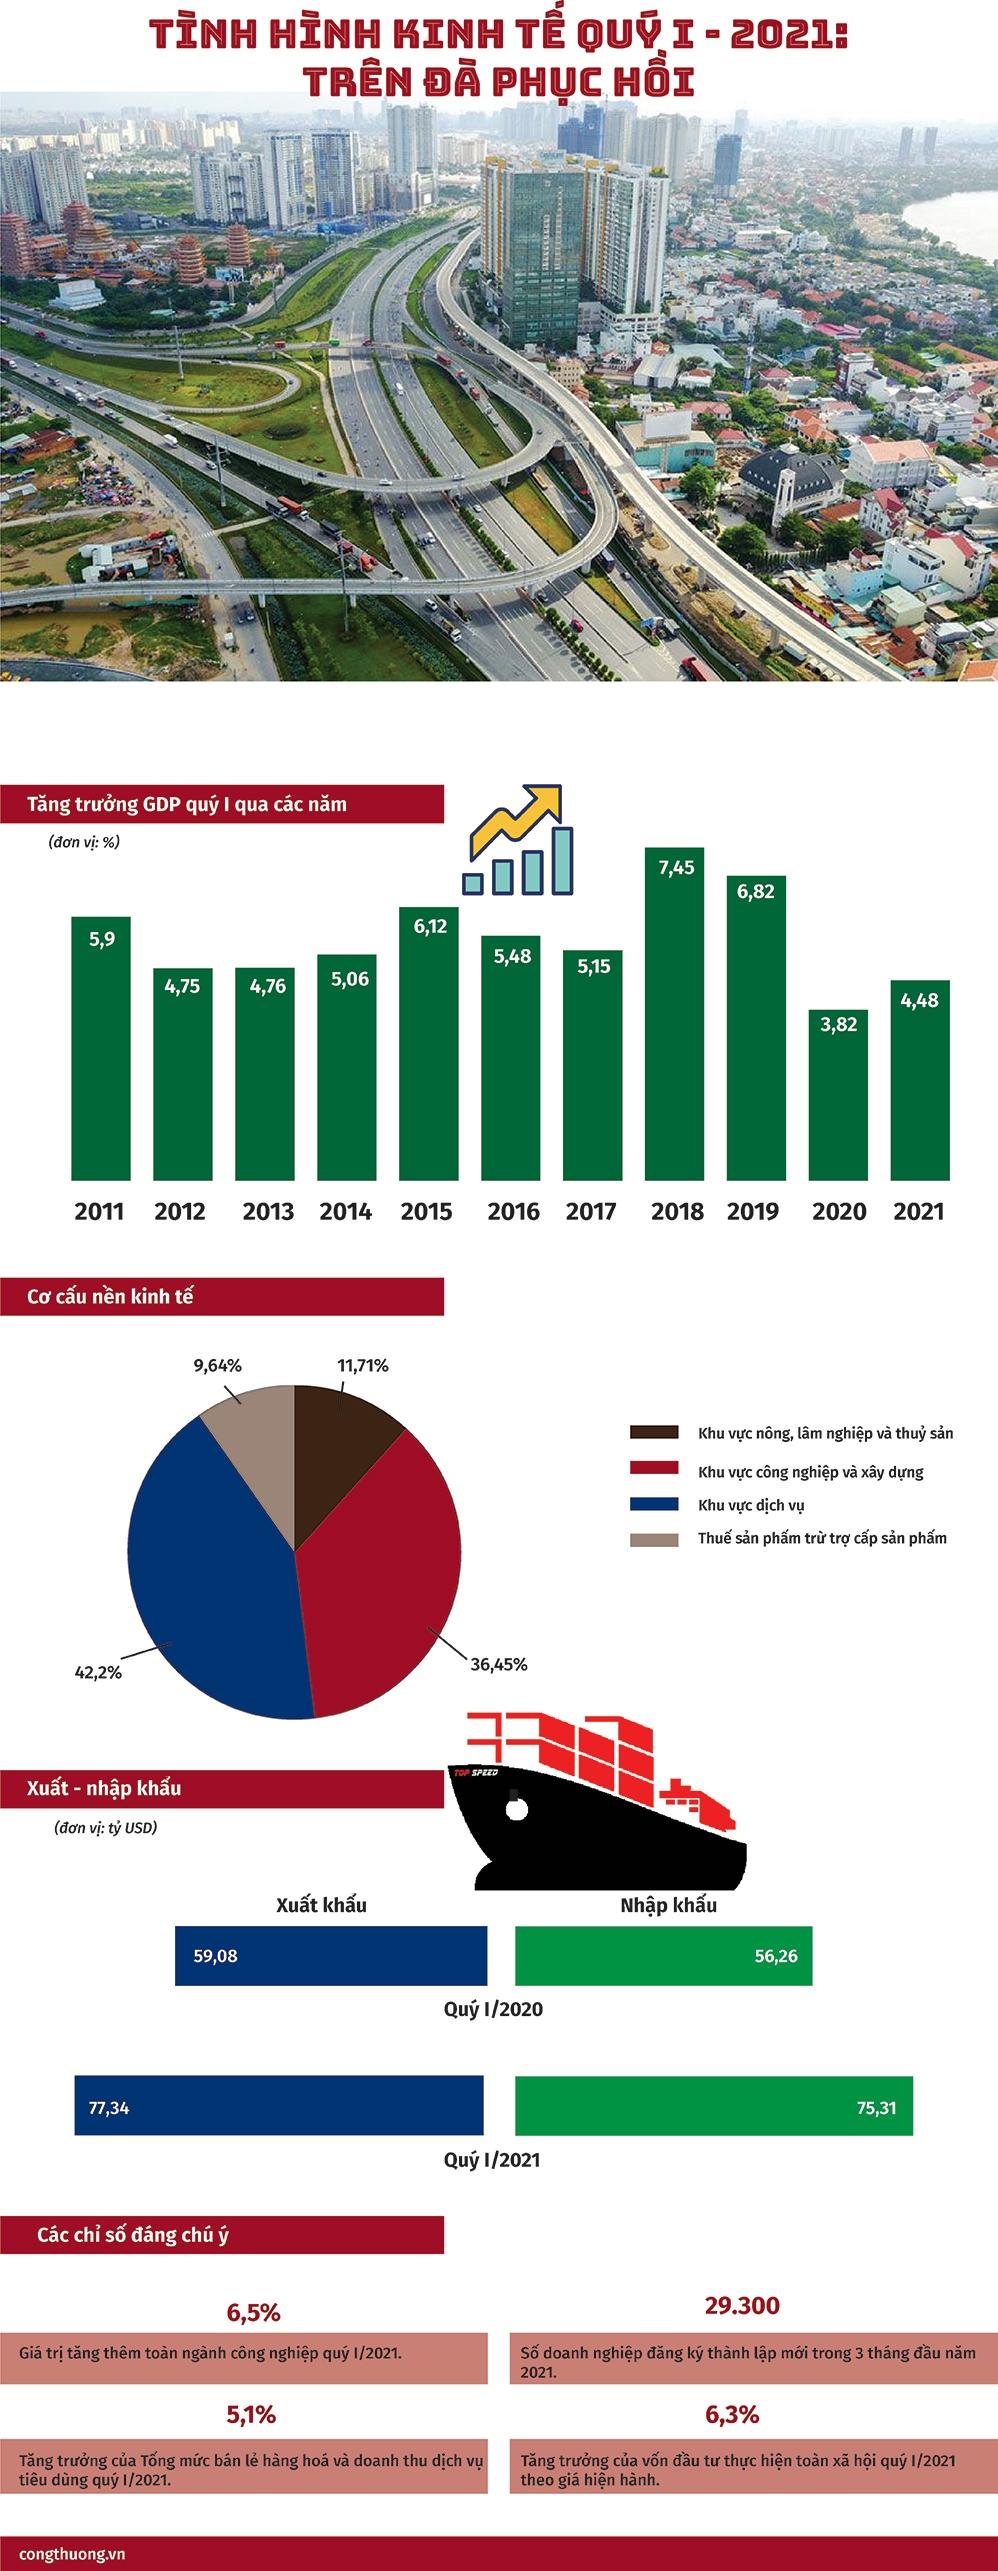 Tình hình kinh tế quý 1/2021: Trên đà phục hồi